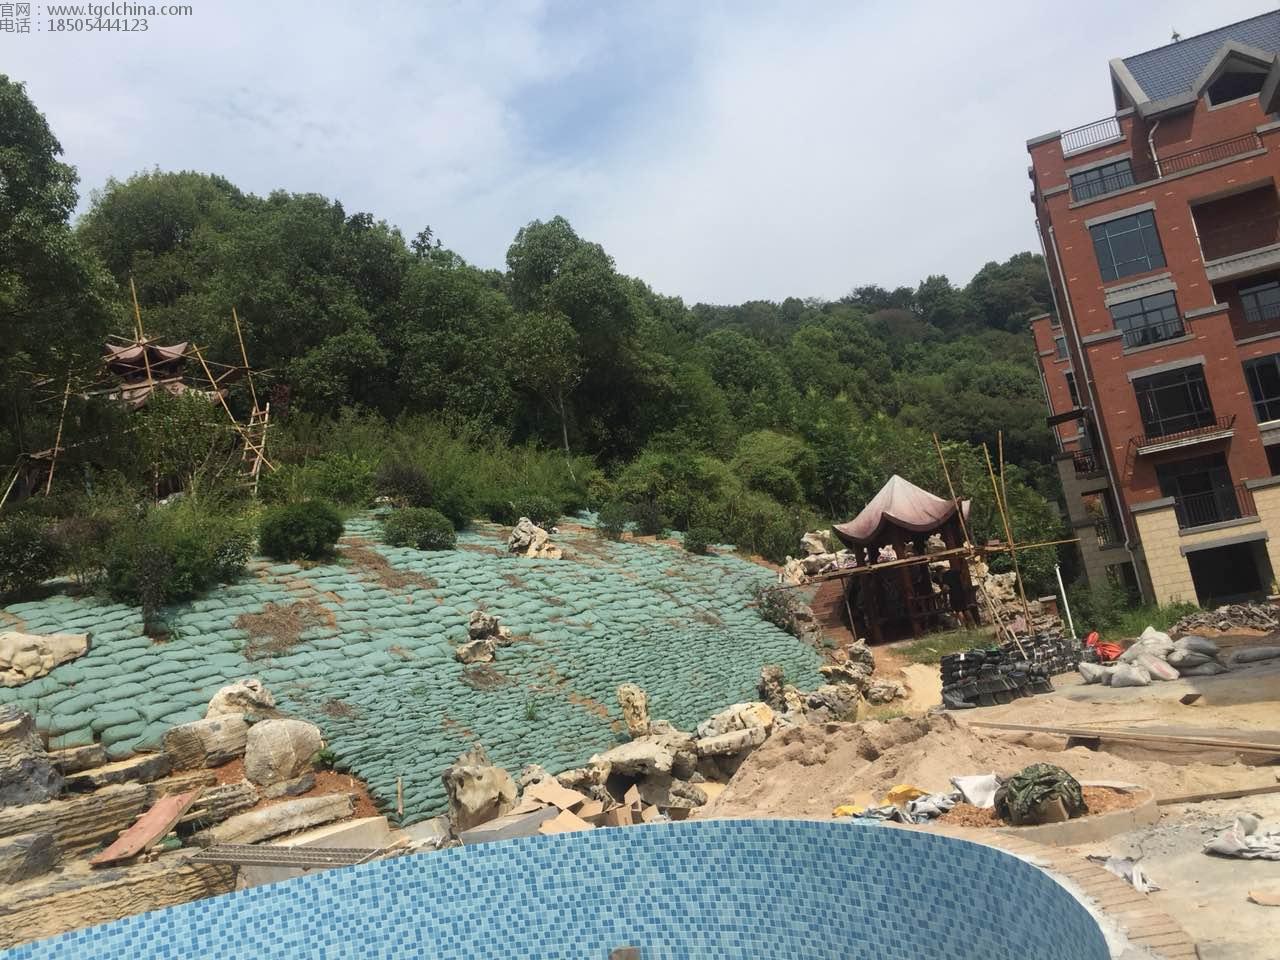 景观工程使用长丝生态袋,做护坡效果